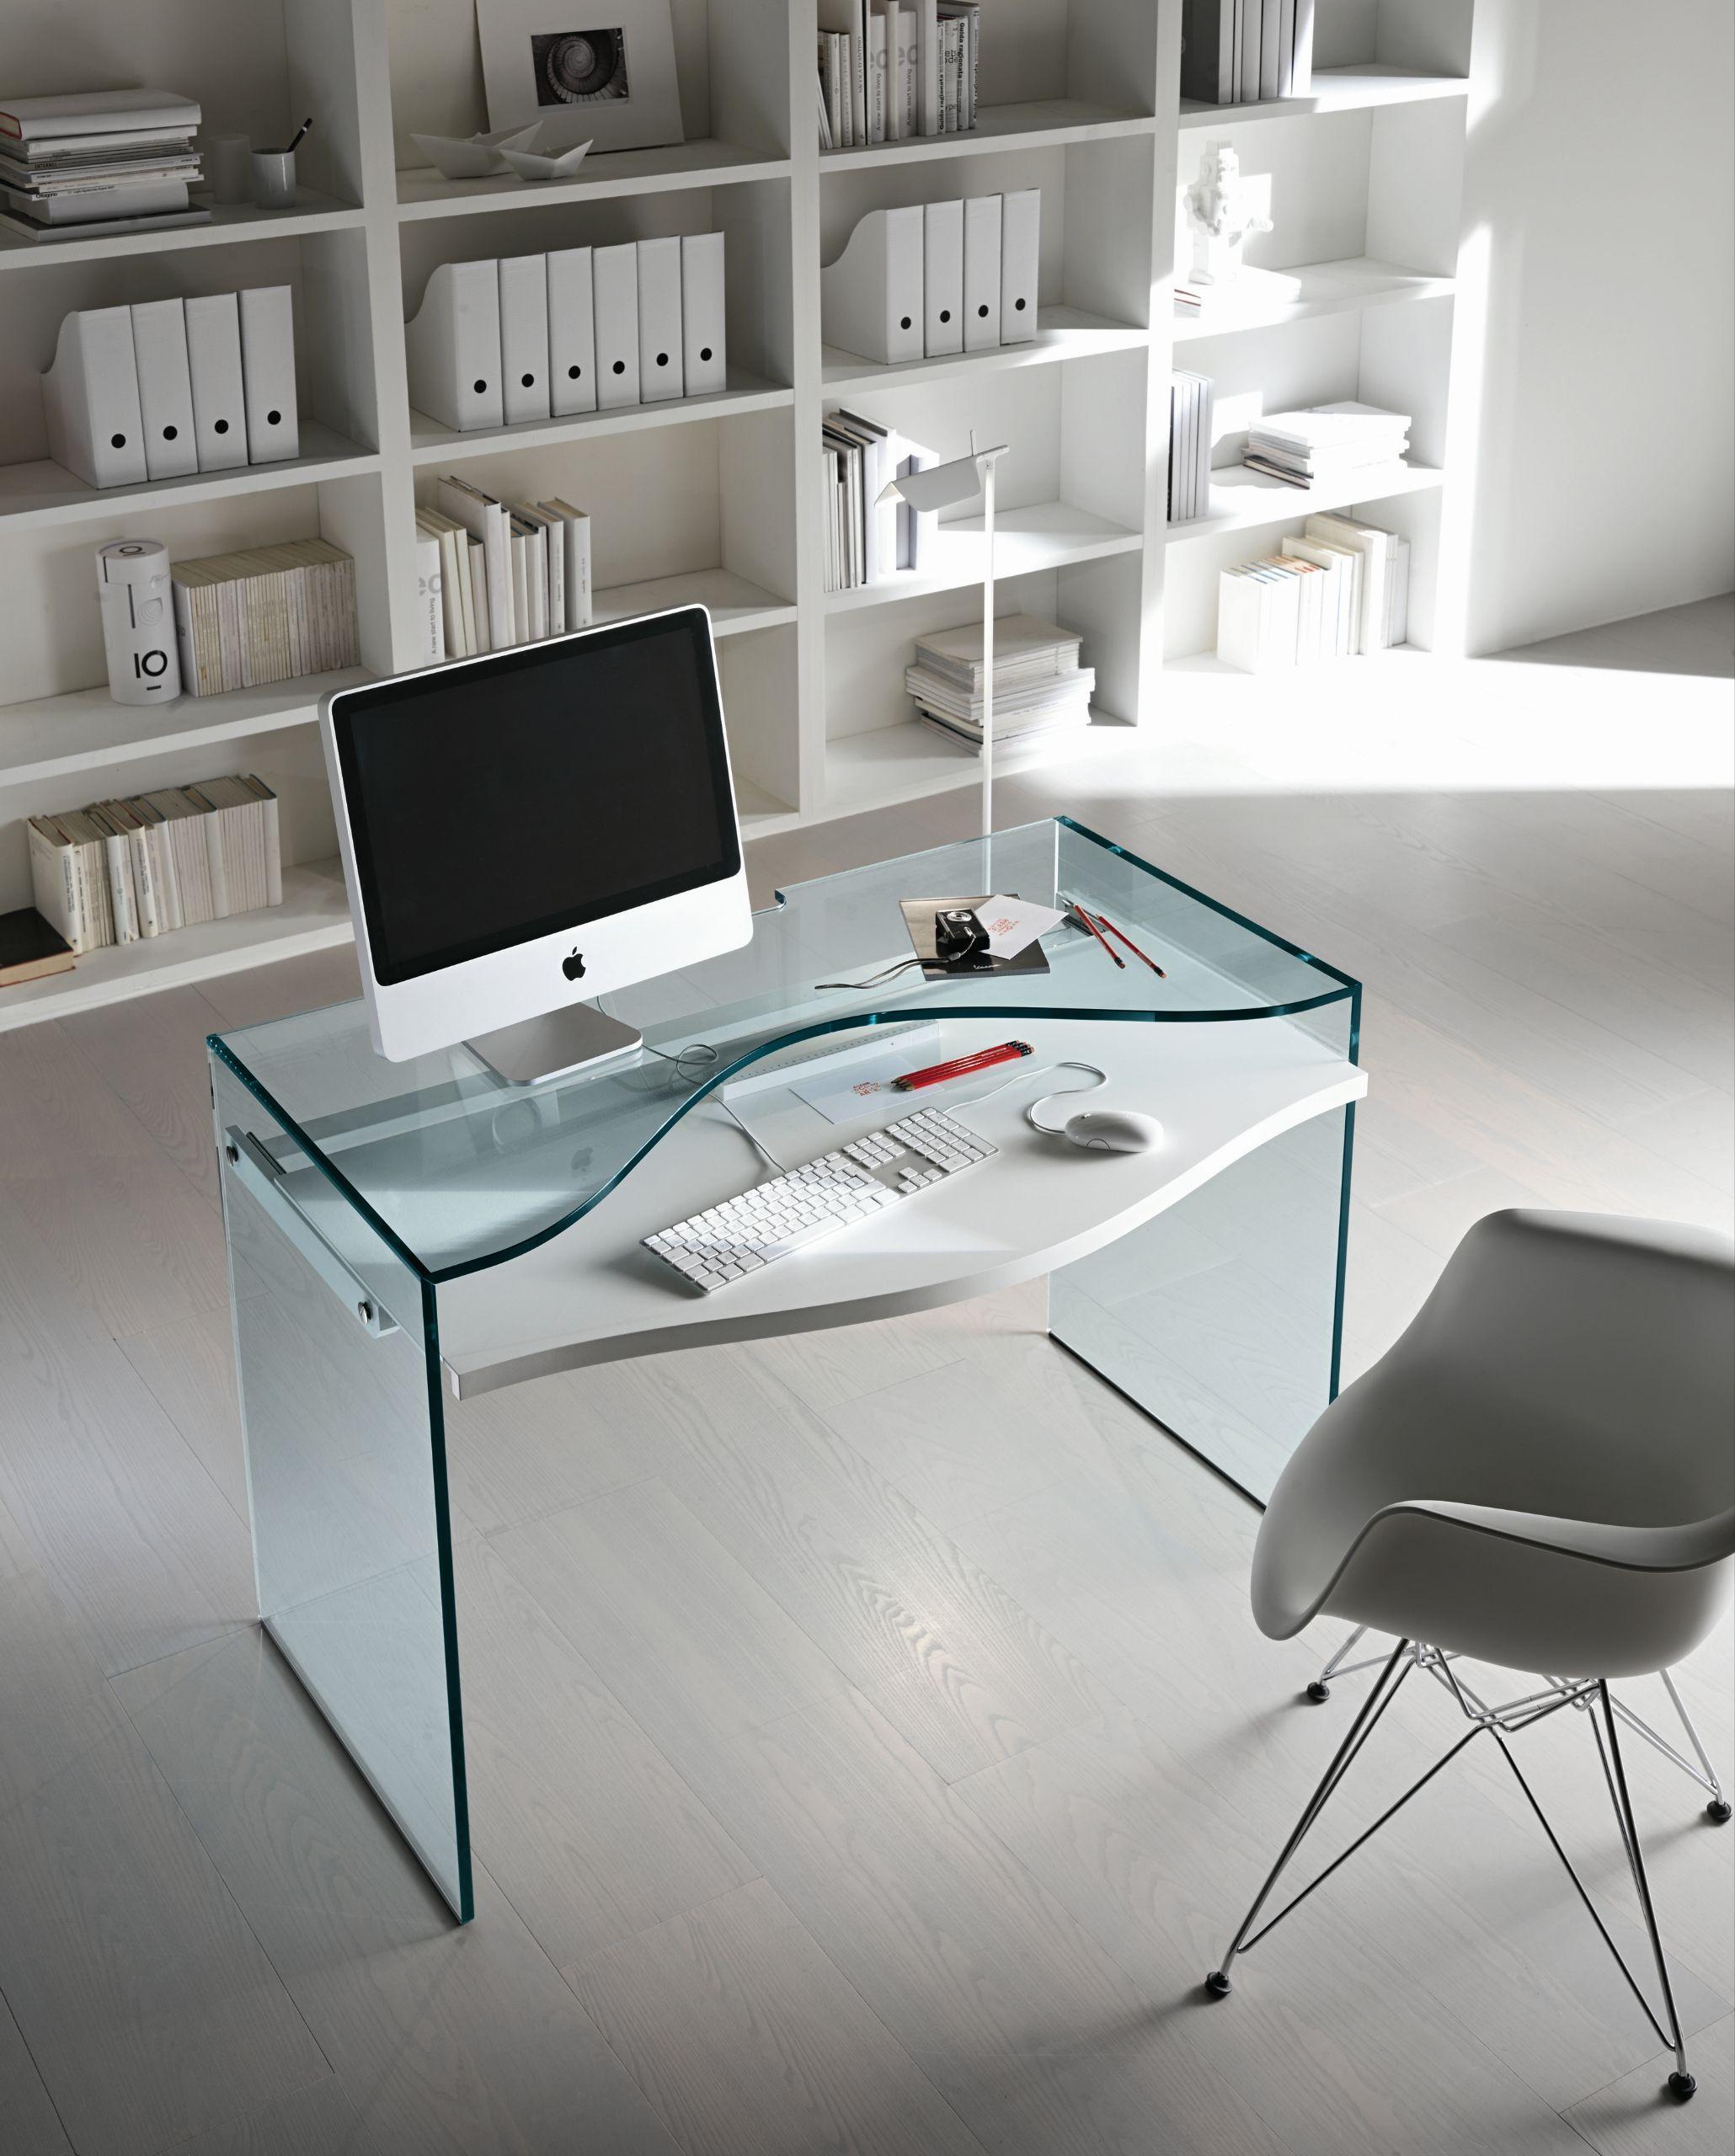 Escritorios De Vidrio Para Oficina3 Jpg 2060 2560 Escritorio De Vidrio Escritorio De Cristal Diseño De Escritorio